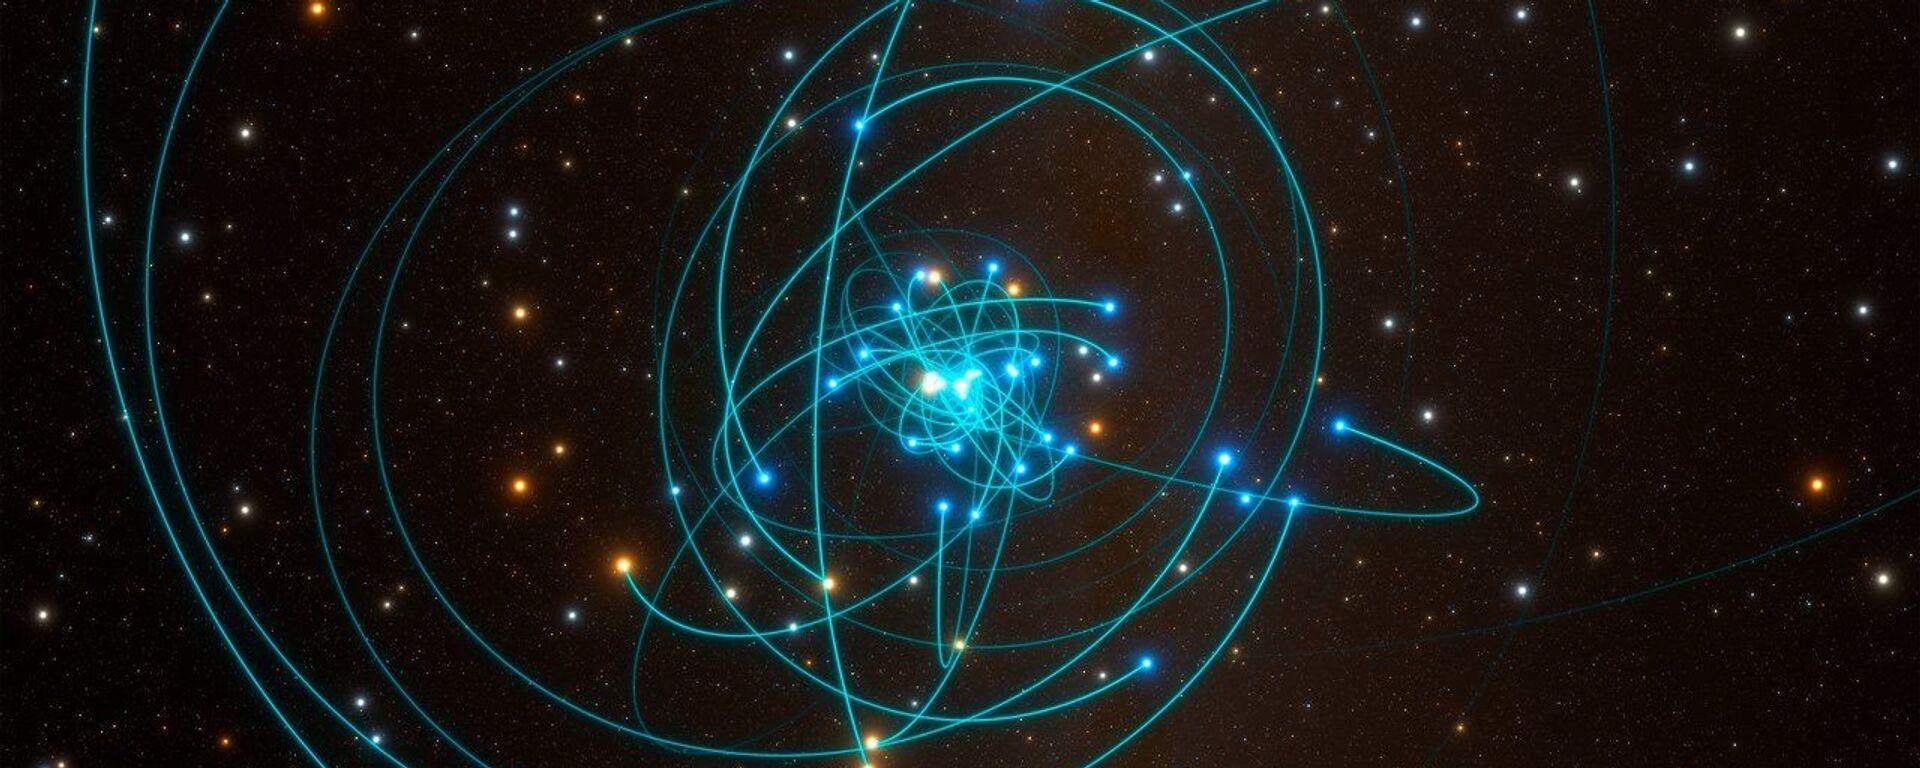 Órbitas de las estrellas alrededor del agujero negro del centro de la Vía Láctea - Sputnik Mundo, 1920, 17.04.2020